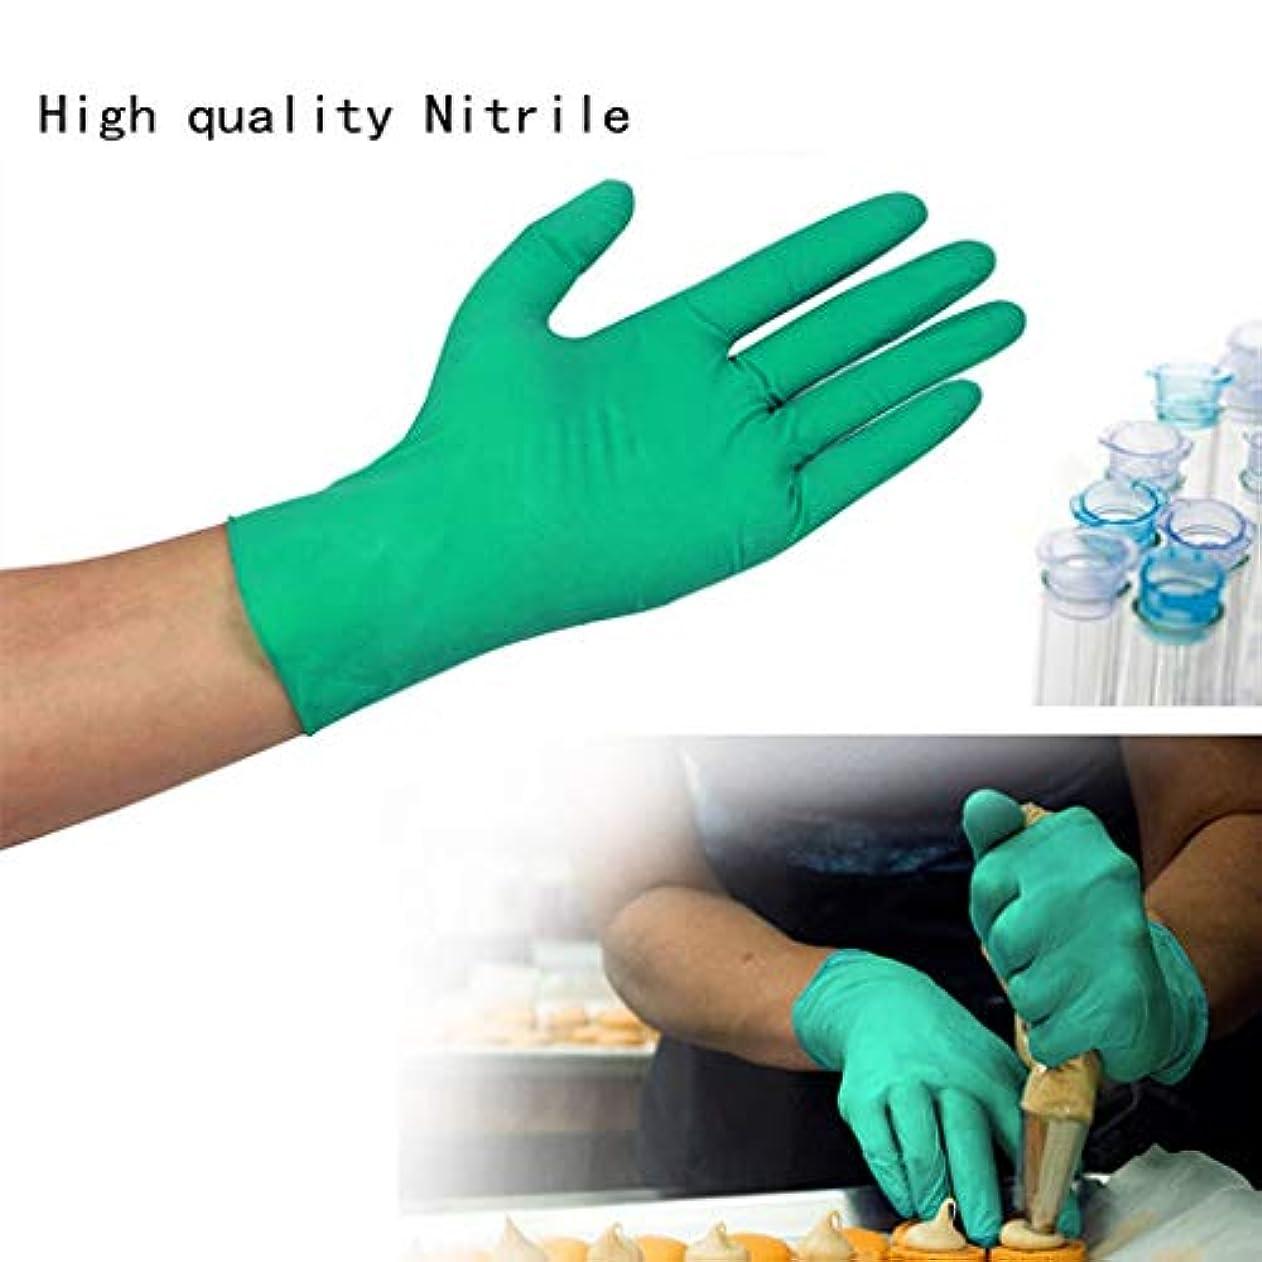 Mittsニトリル手袋、パウダーフリー、ラテックスゴムフリー、使い捨て手袋 - 非滅菌、食品安全、医療用グレード、100PSの便利なディスペンサーパック、(追加強度)(S-L) (サイズ さいず : M m)